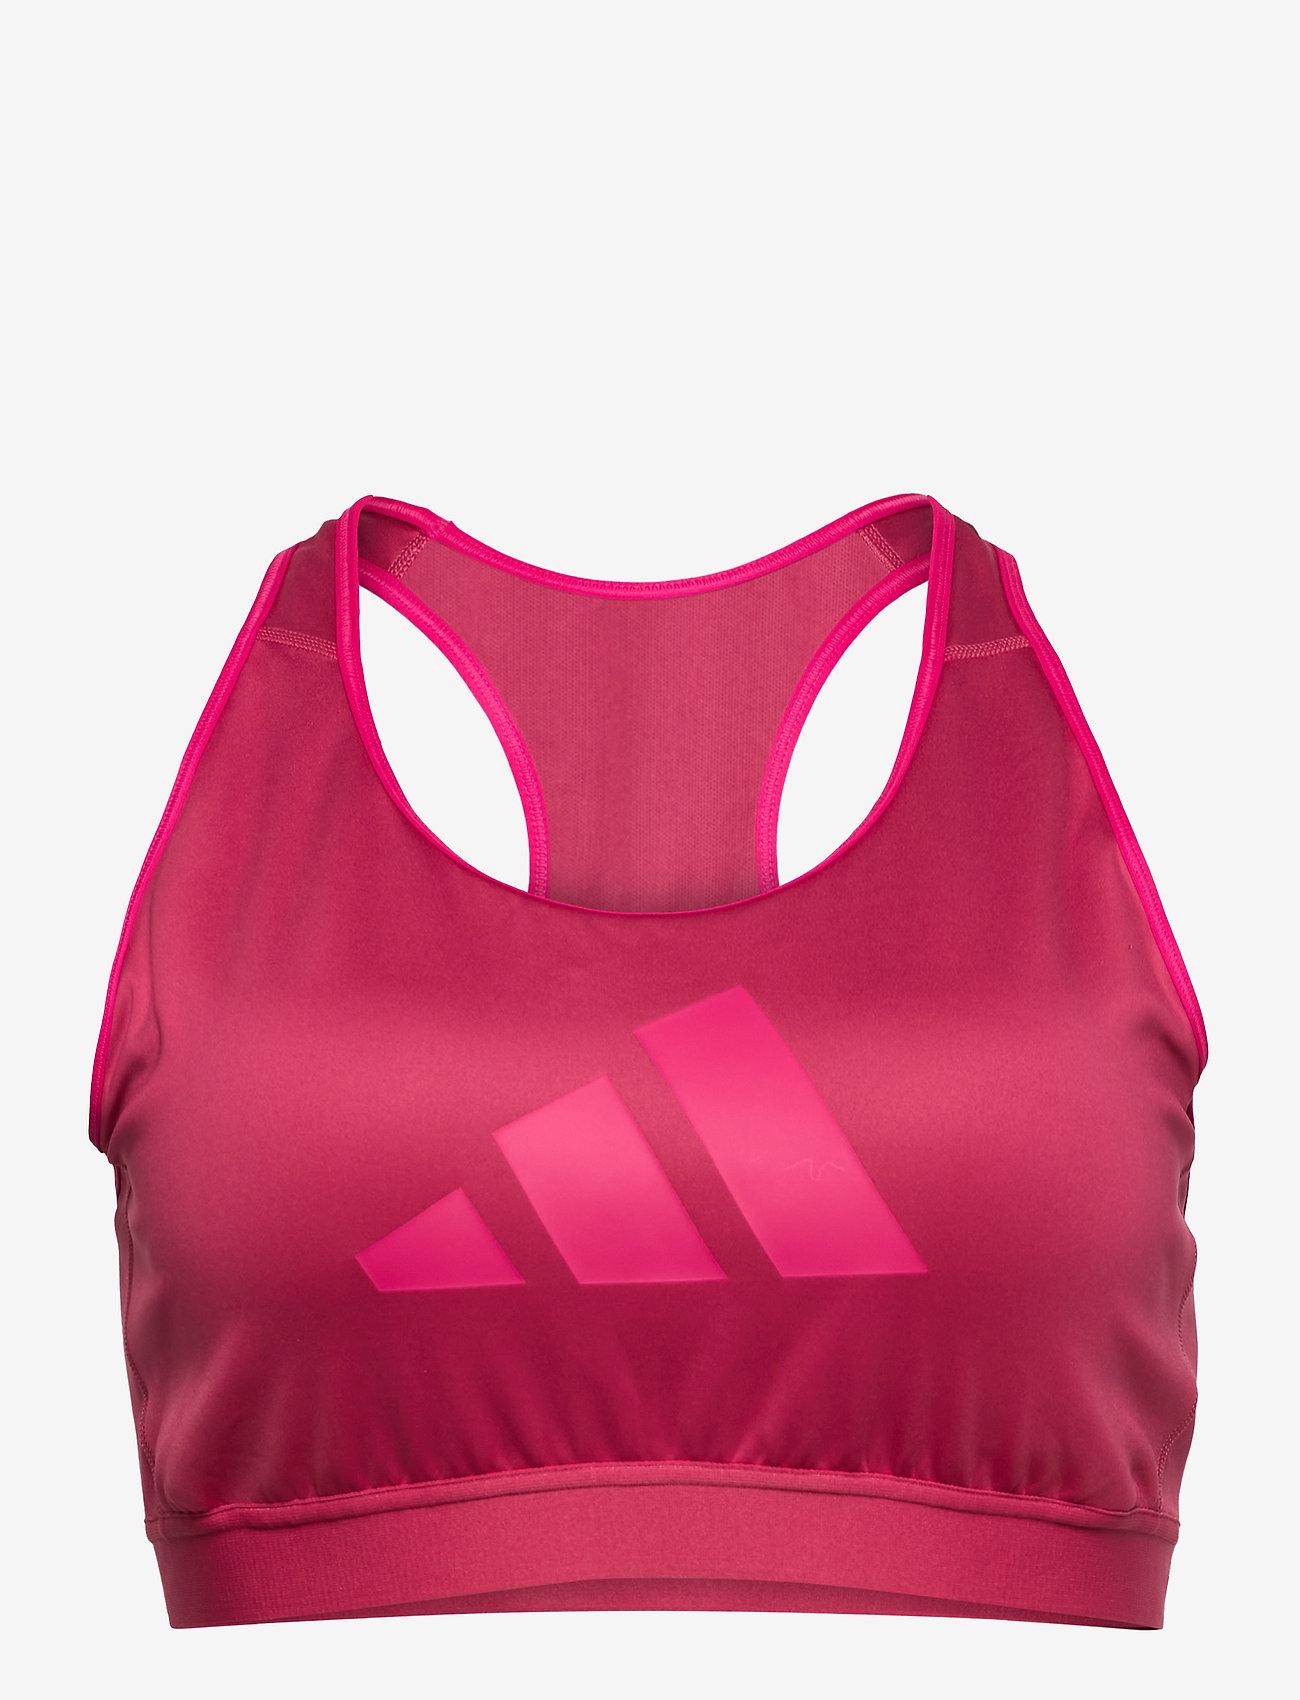 adidas Performance - Don't Rest Bra W (Plus Size) - sport bras: high support - wilpnk/scrpnk - 1